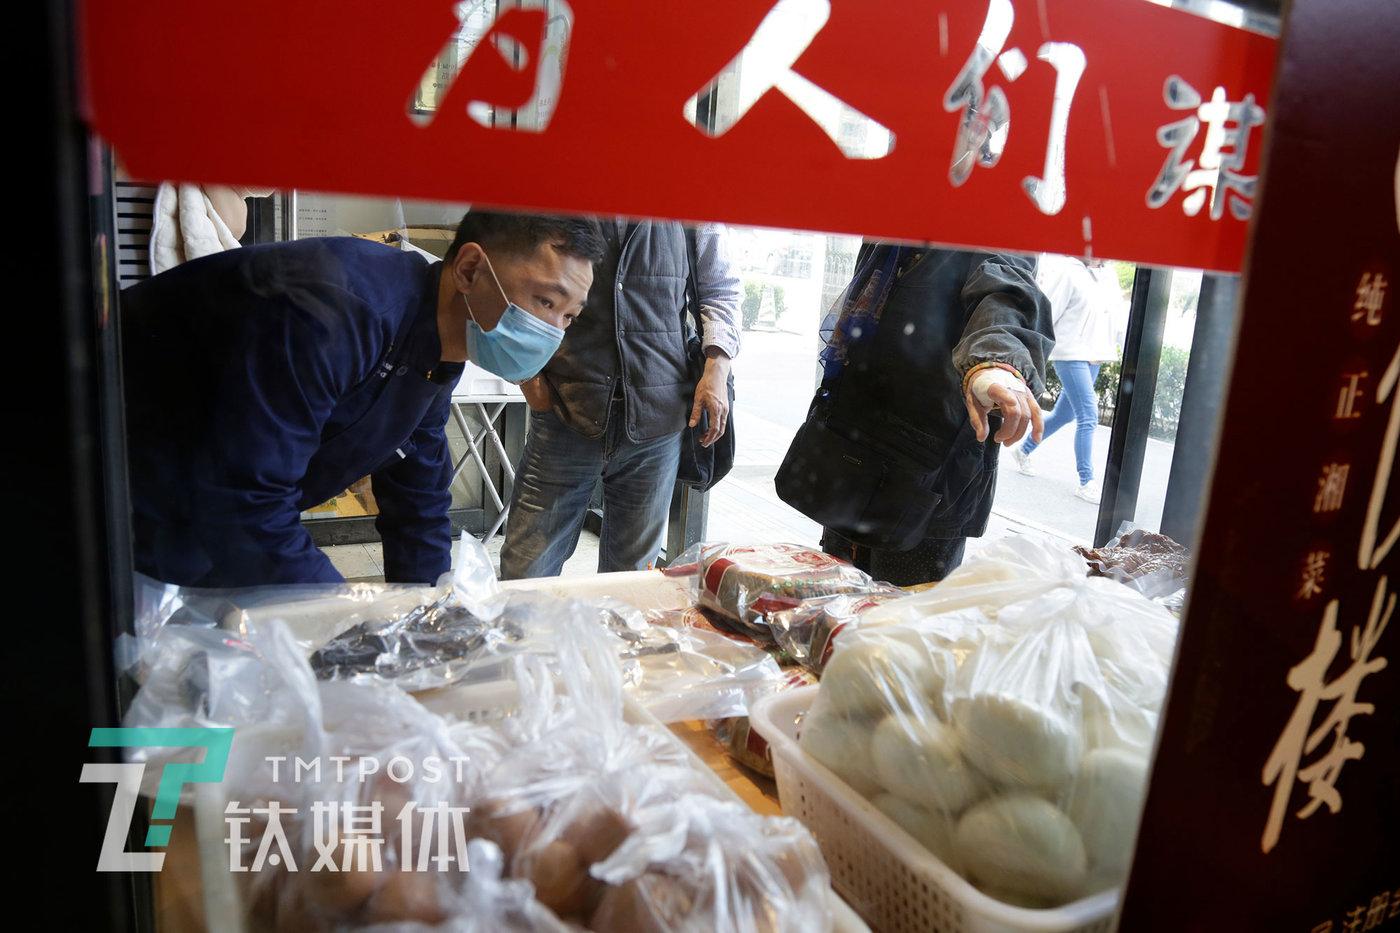 3月31日,湘悦楼员工(左)在门口卖菜。